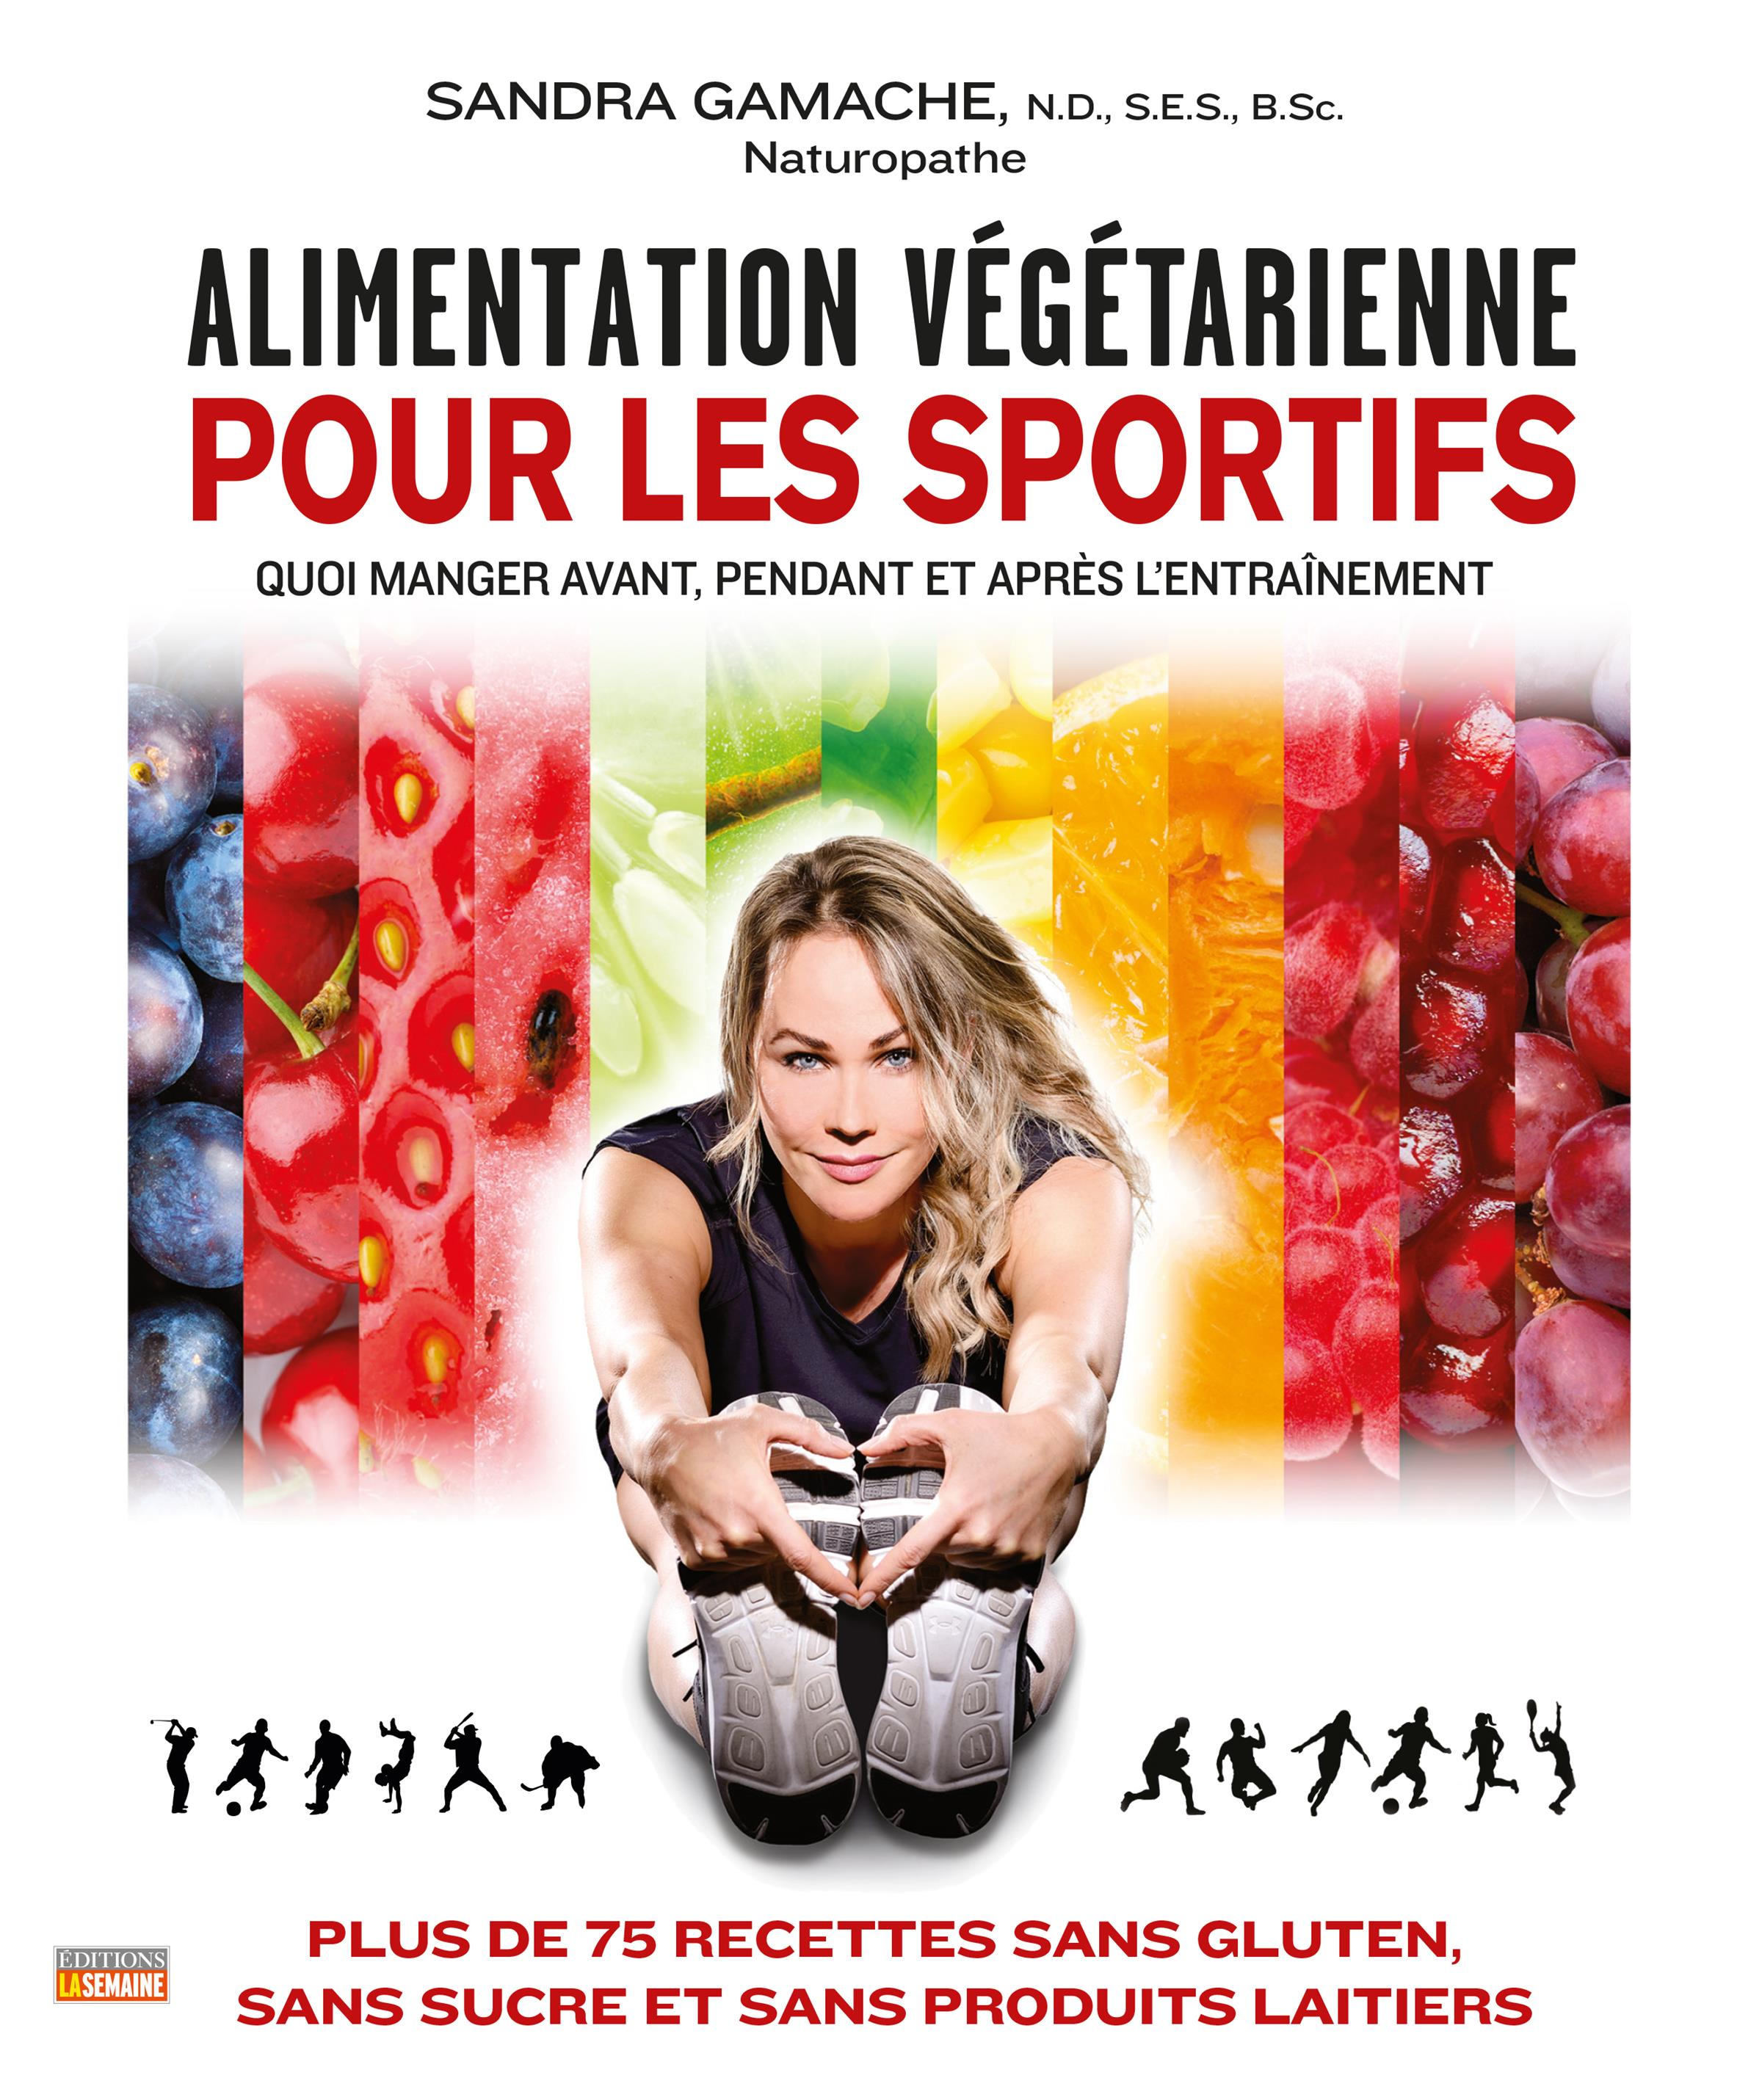 Alimentation végétarienne pour les sportifs